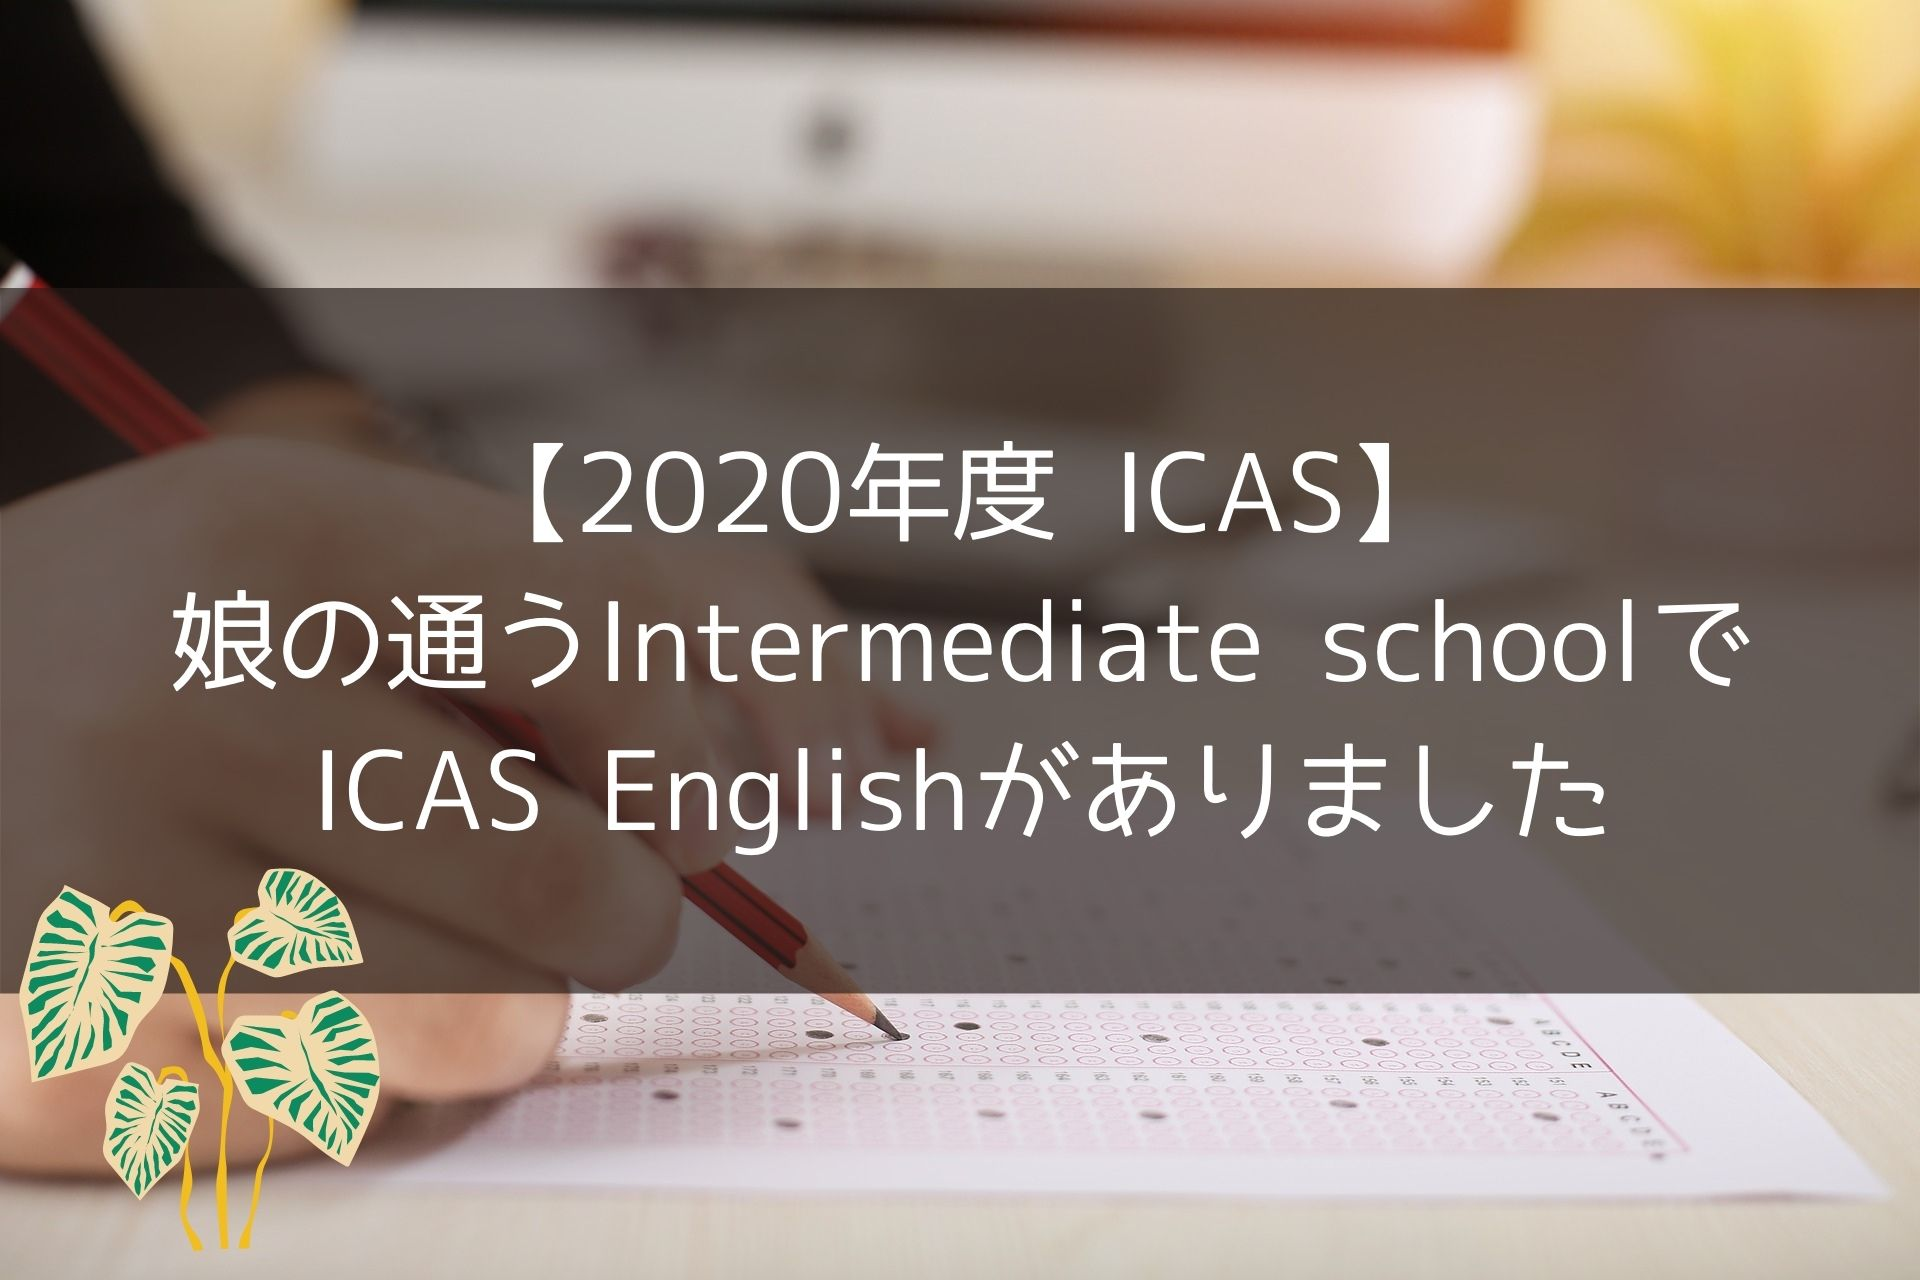 【2020年度】娘のIntermediate schoolでICAS Englishがありました